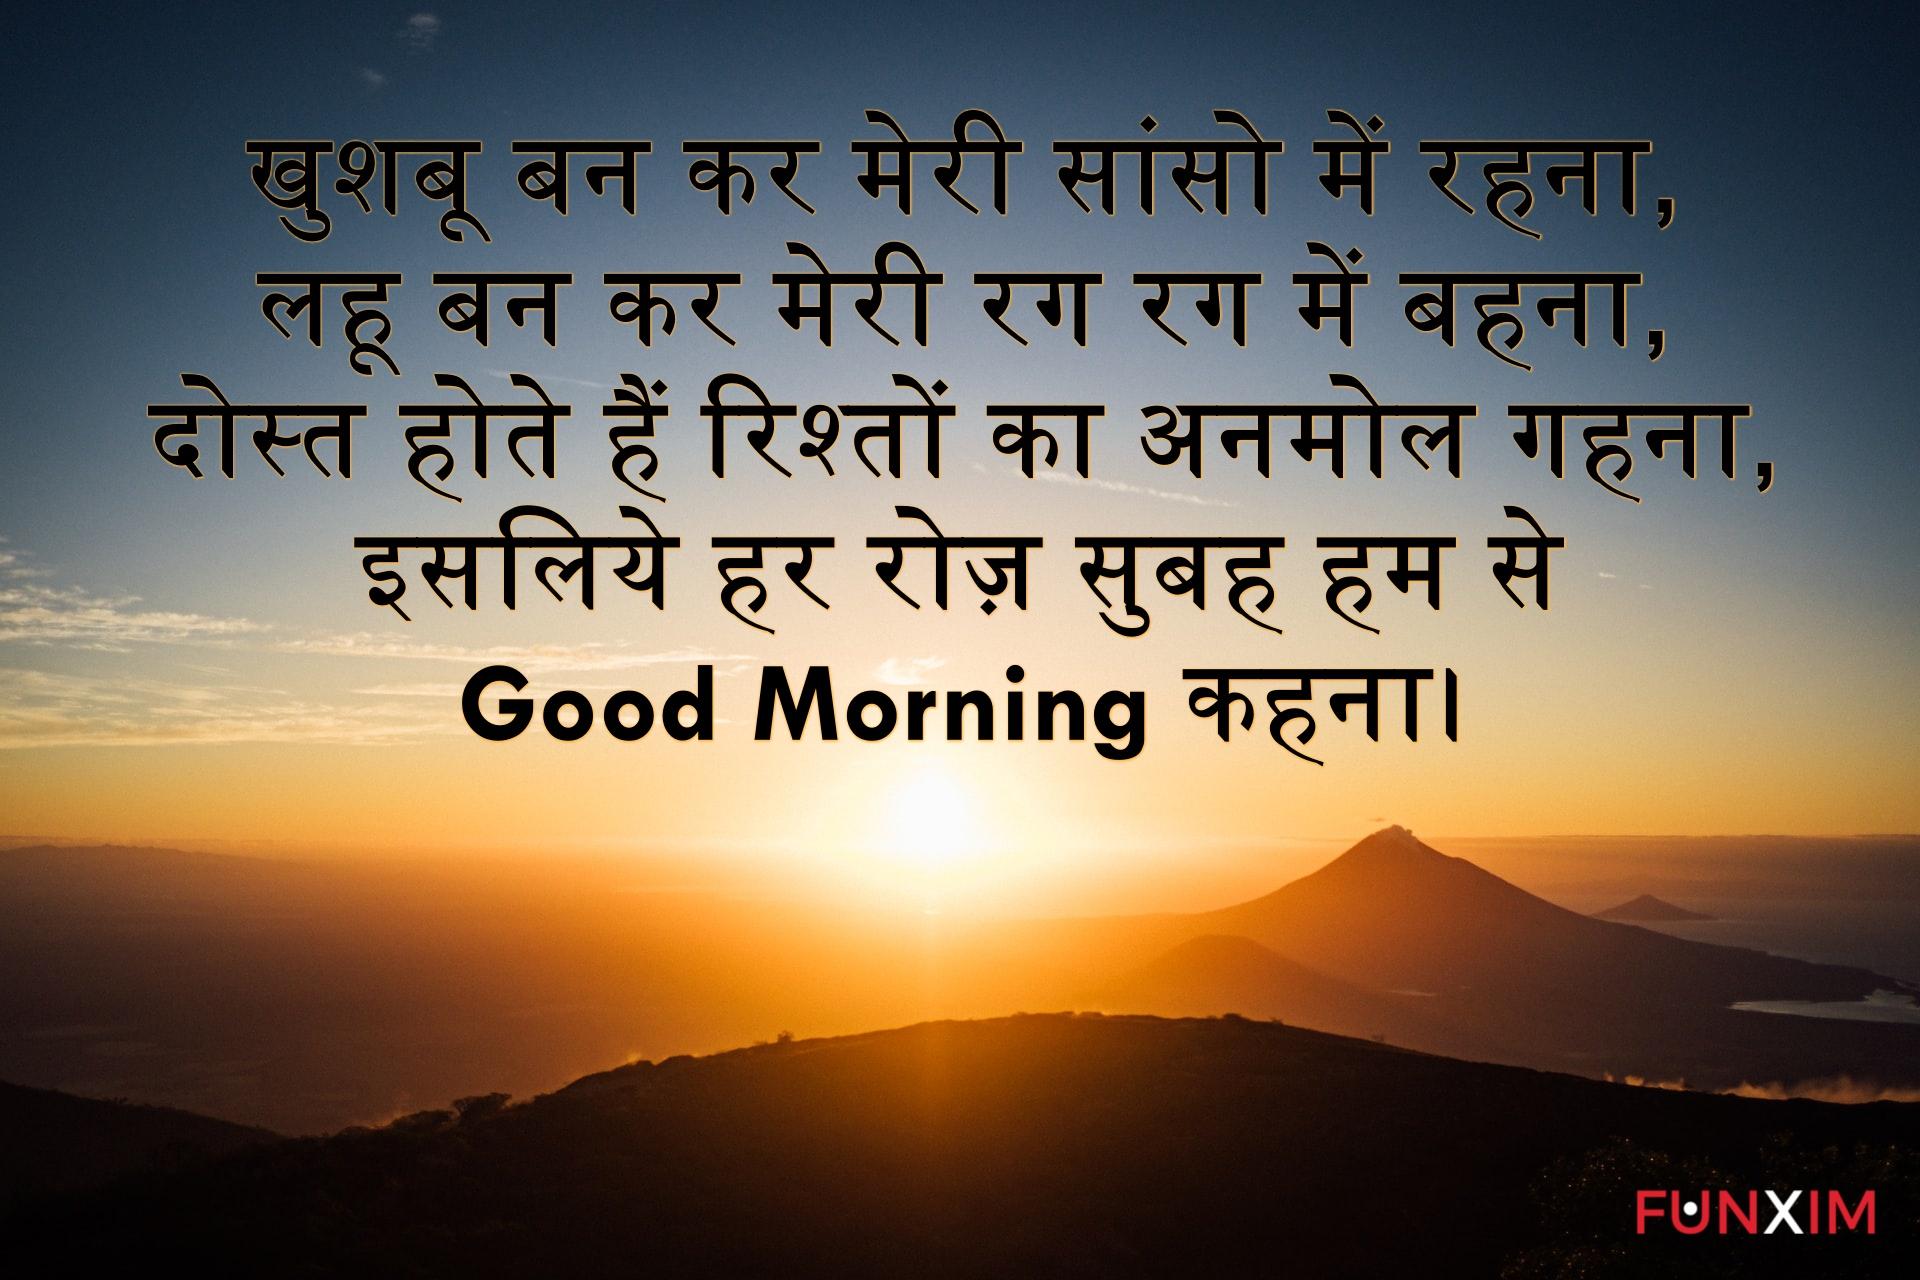 खुशबू बन कर मेरी सांसो में रहना, लहू बन कर मेरी रग रग में बहना, दोस्त होते हैं रिश्तों का अनमोल गहना, इसलिये हर रोज़ सुबह हम से Good Morning कहना।